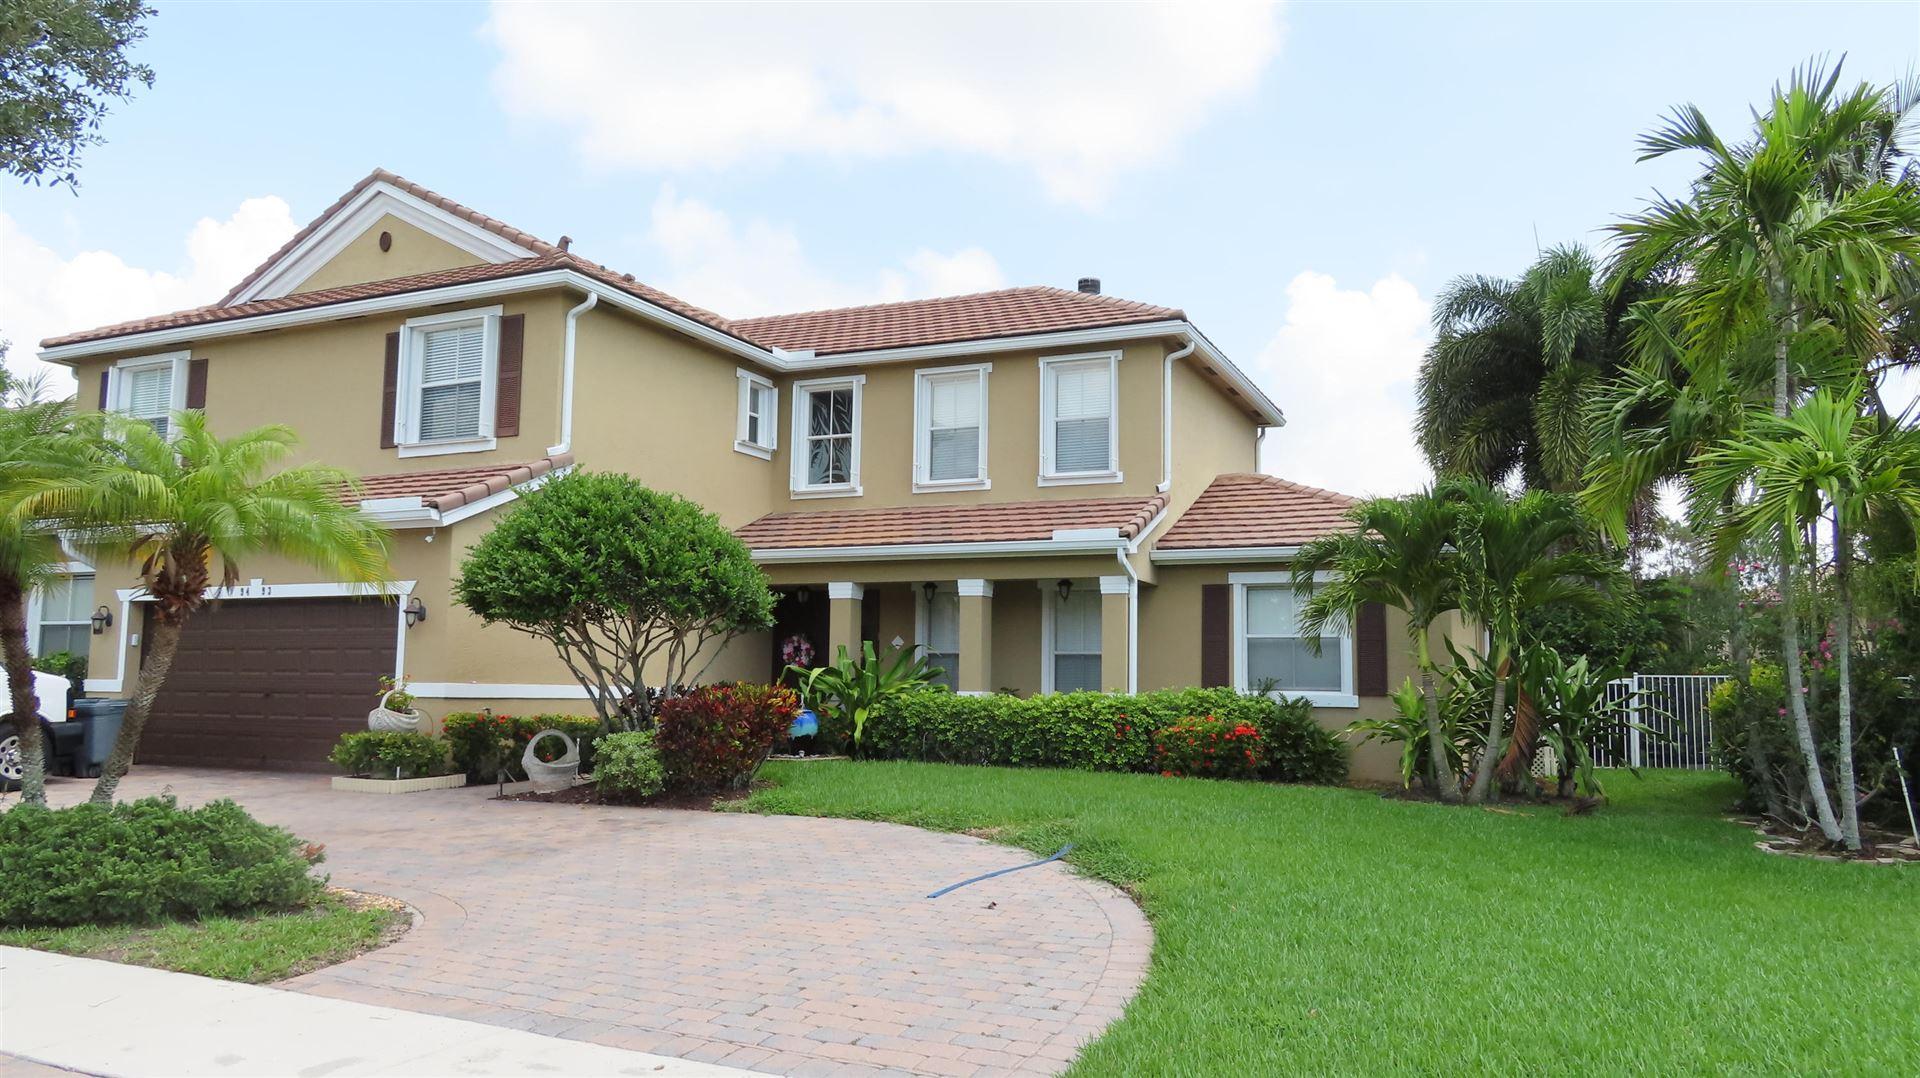 9493 Sedgewood Drive, Lake Worth, FL 33467 - #: RX-10629324